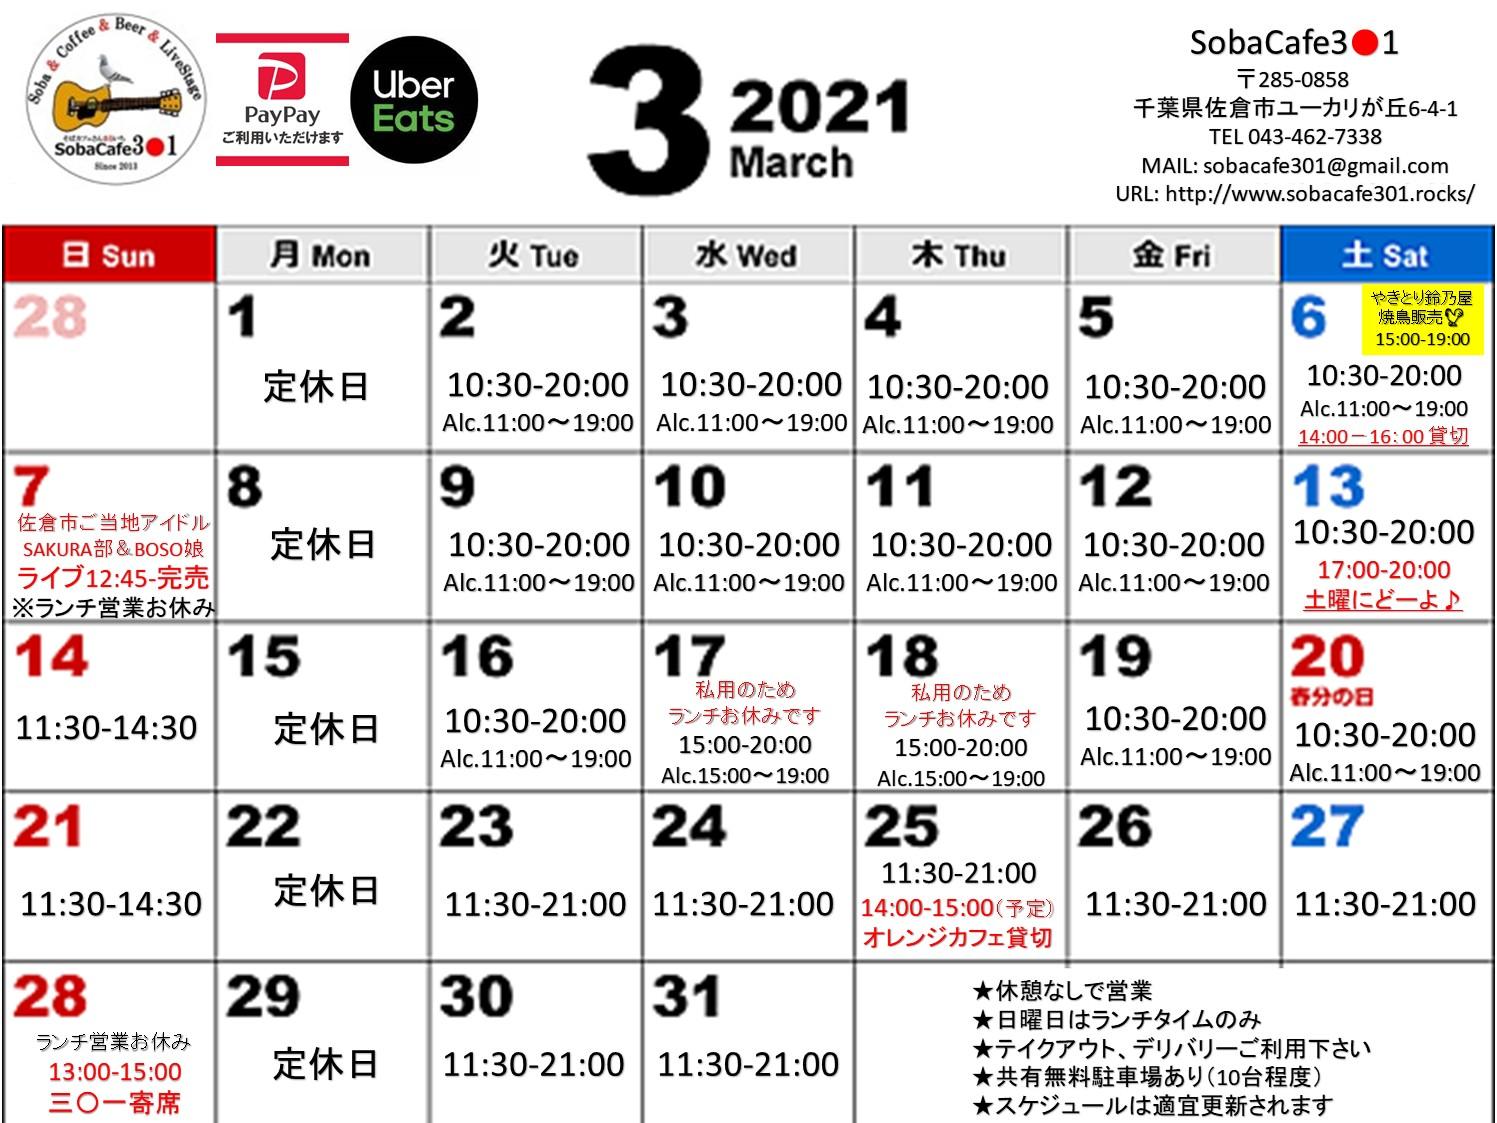 SobaCafe3○1 3月のカレンダー